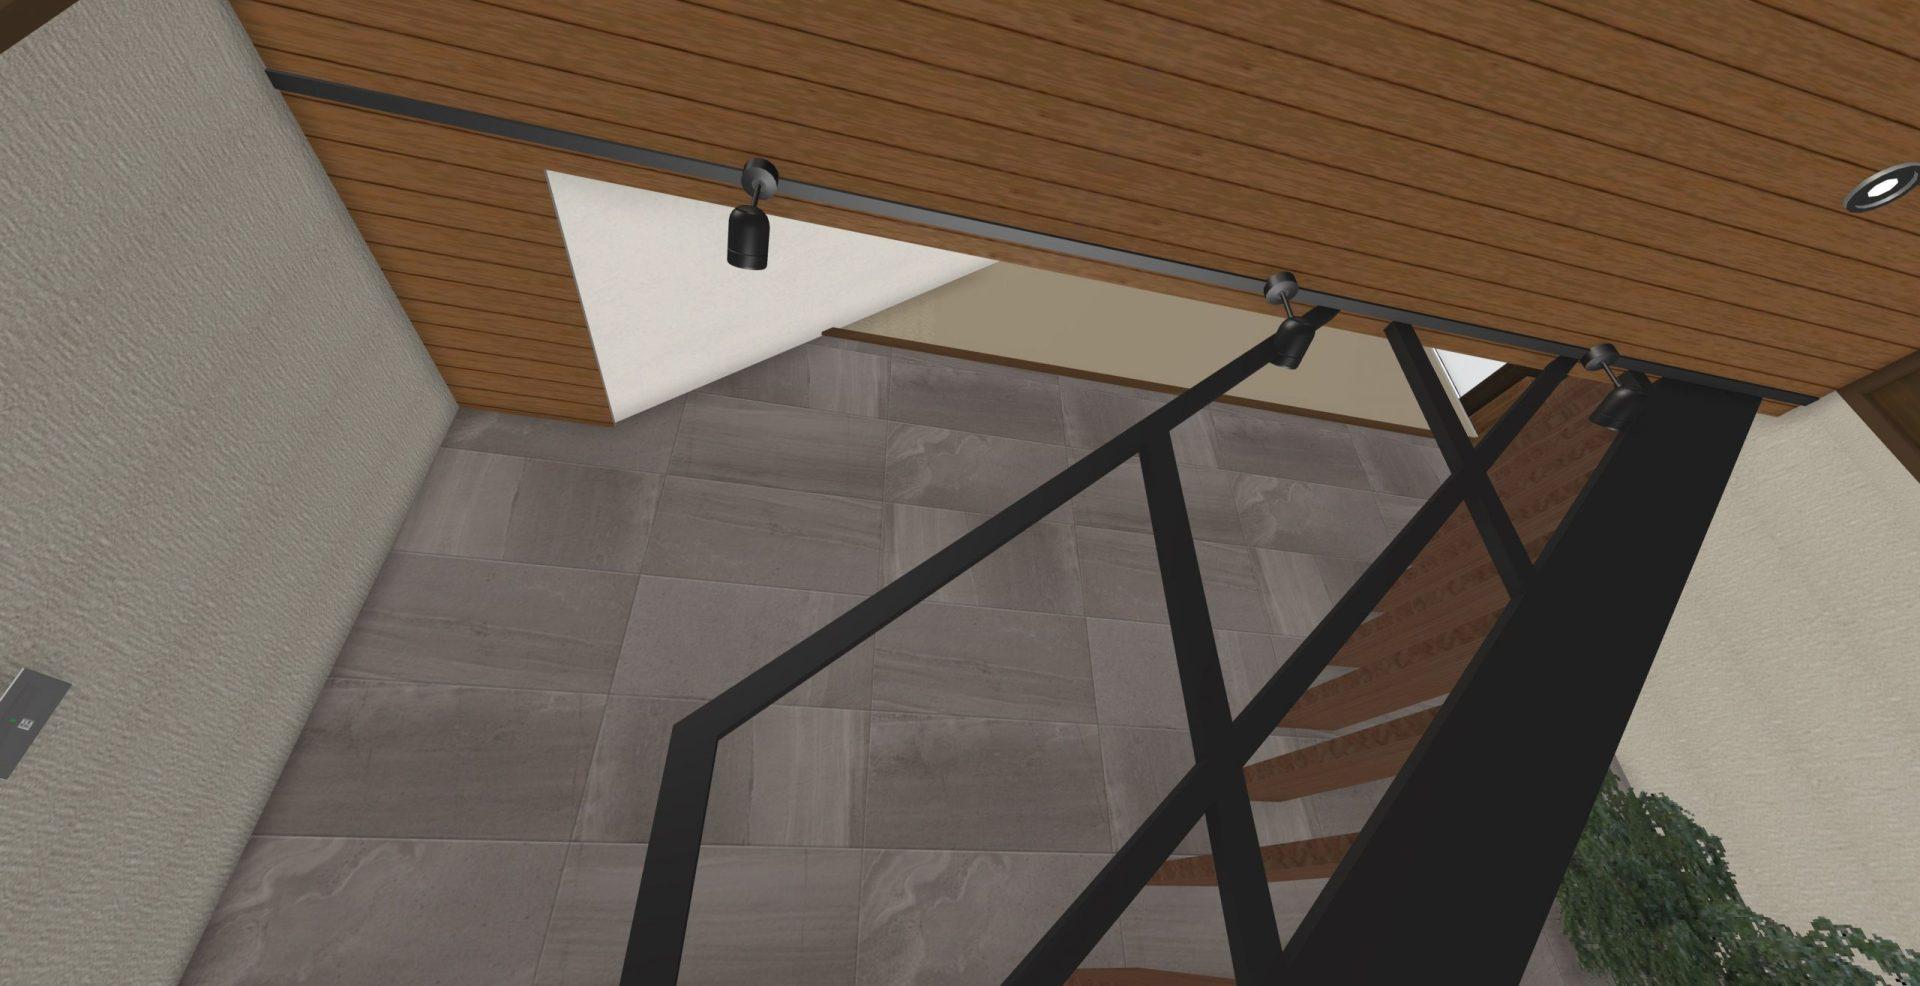 エコカラットの見切りには巾木を使用(ダクトレールなど当初よりかなり作り込んであります)